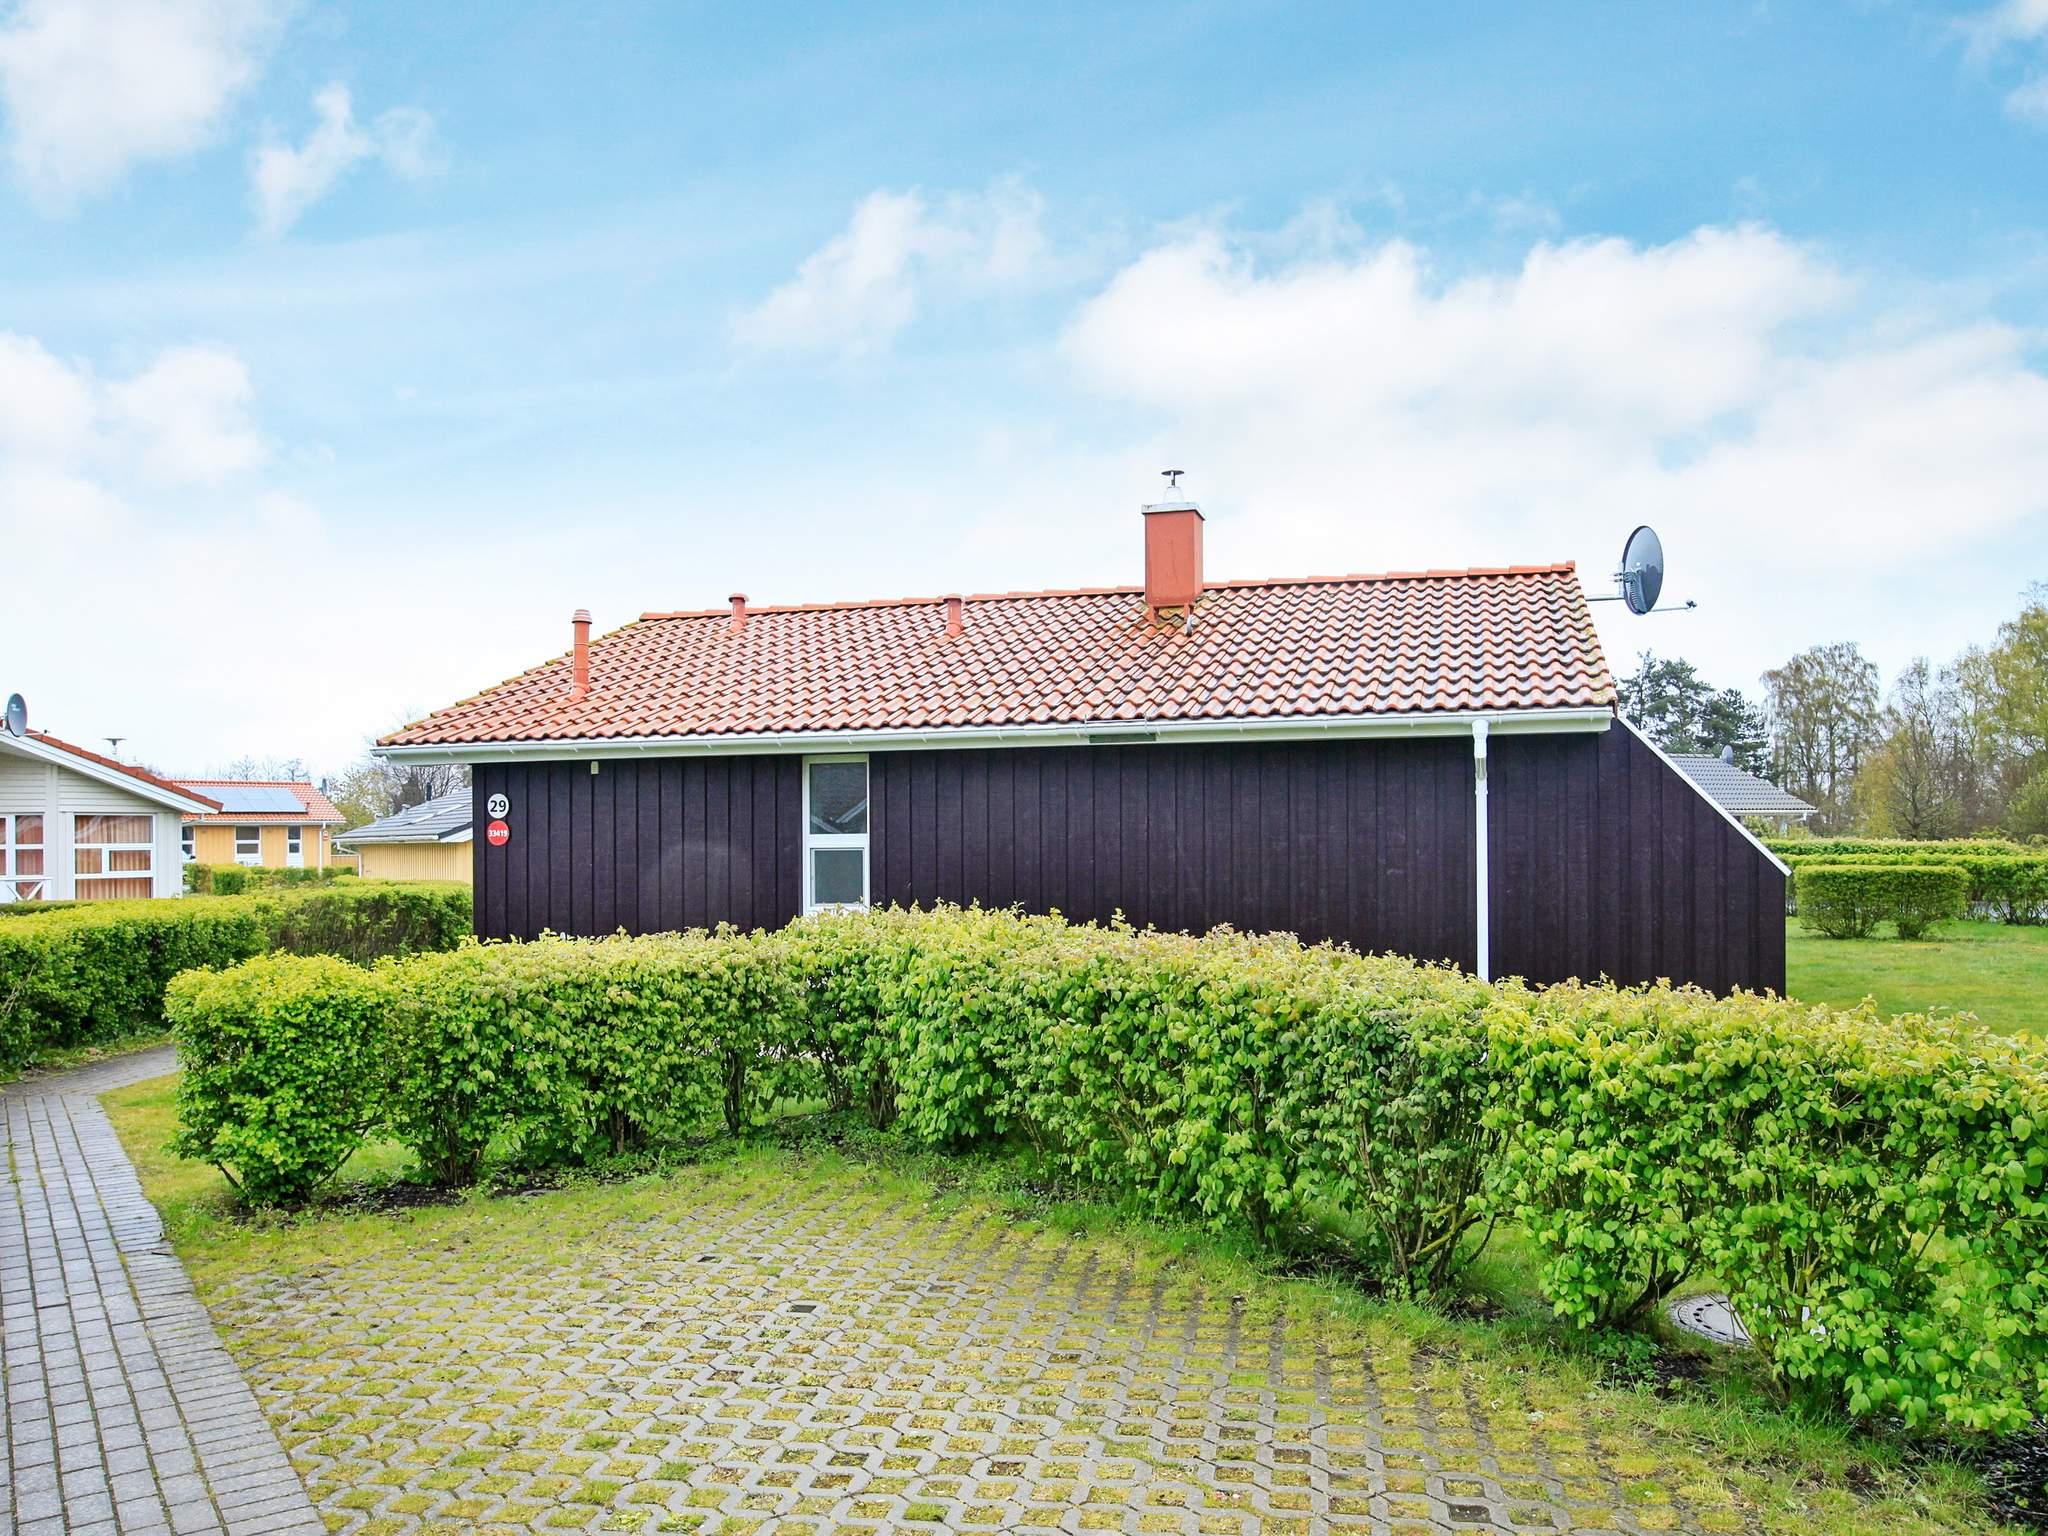 Maison de vacances Grömitz (332024), Grömitz, Baie de Lübeck, Schleswig-Holstein, Allemagne, image 15